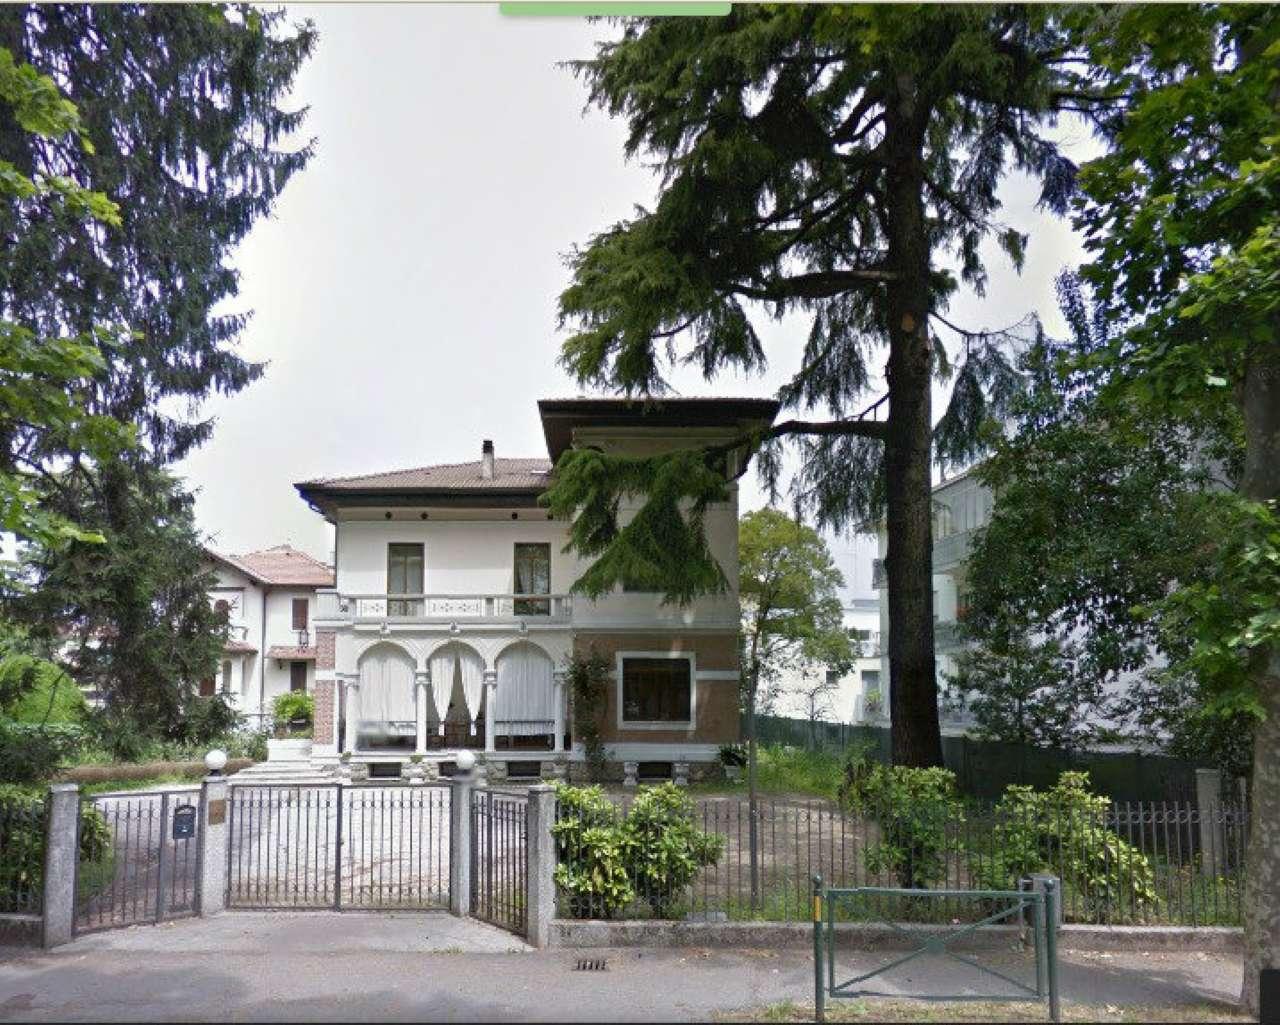 Soluzione Indipendente in affitto a Treviso, 12 locali, prezzo € 2.500 | CambioCasa.it